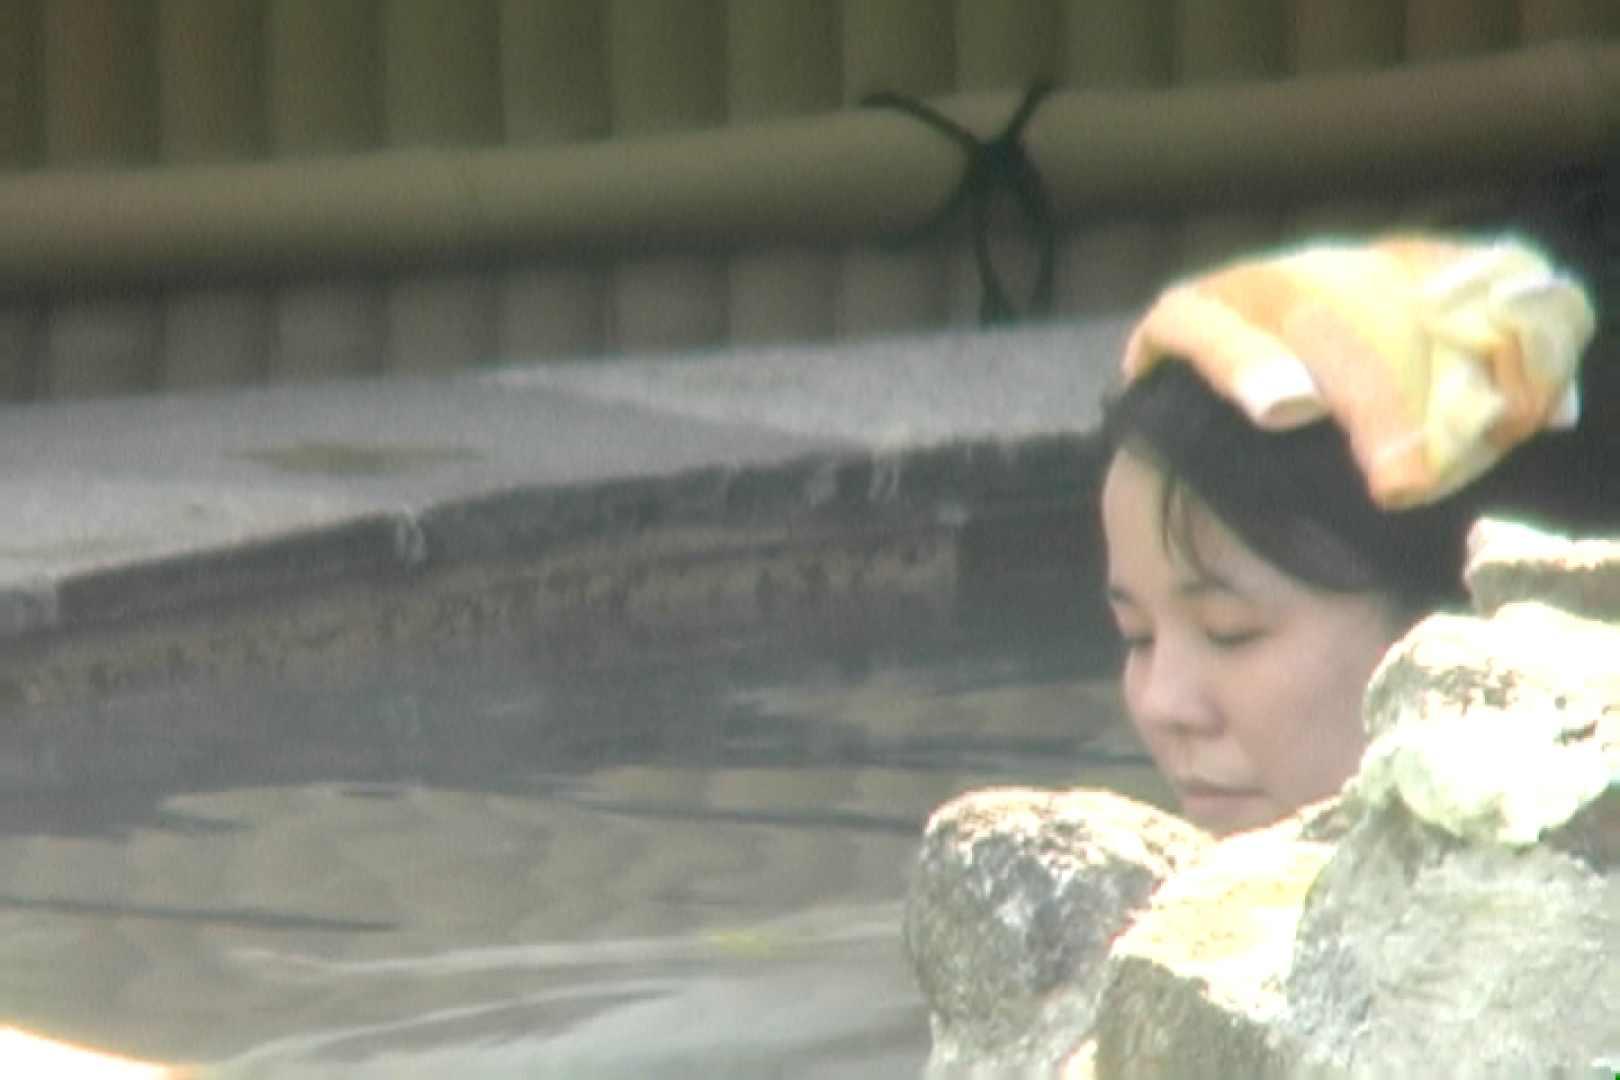 高画質露天女風呂観察 vol.011 高画質 | 乙女のエロ動画  85PIX 37